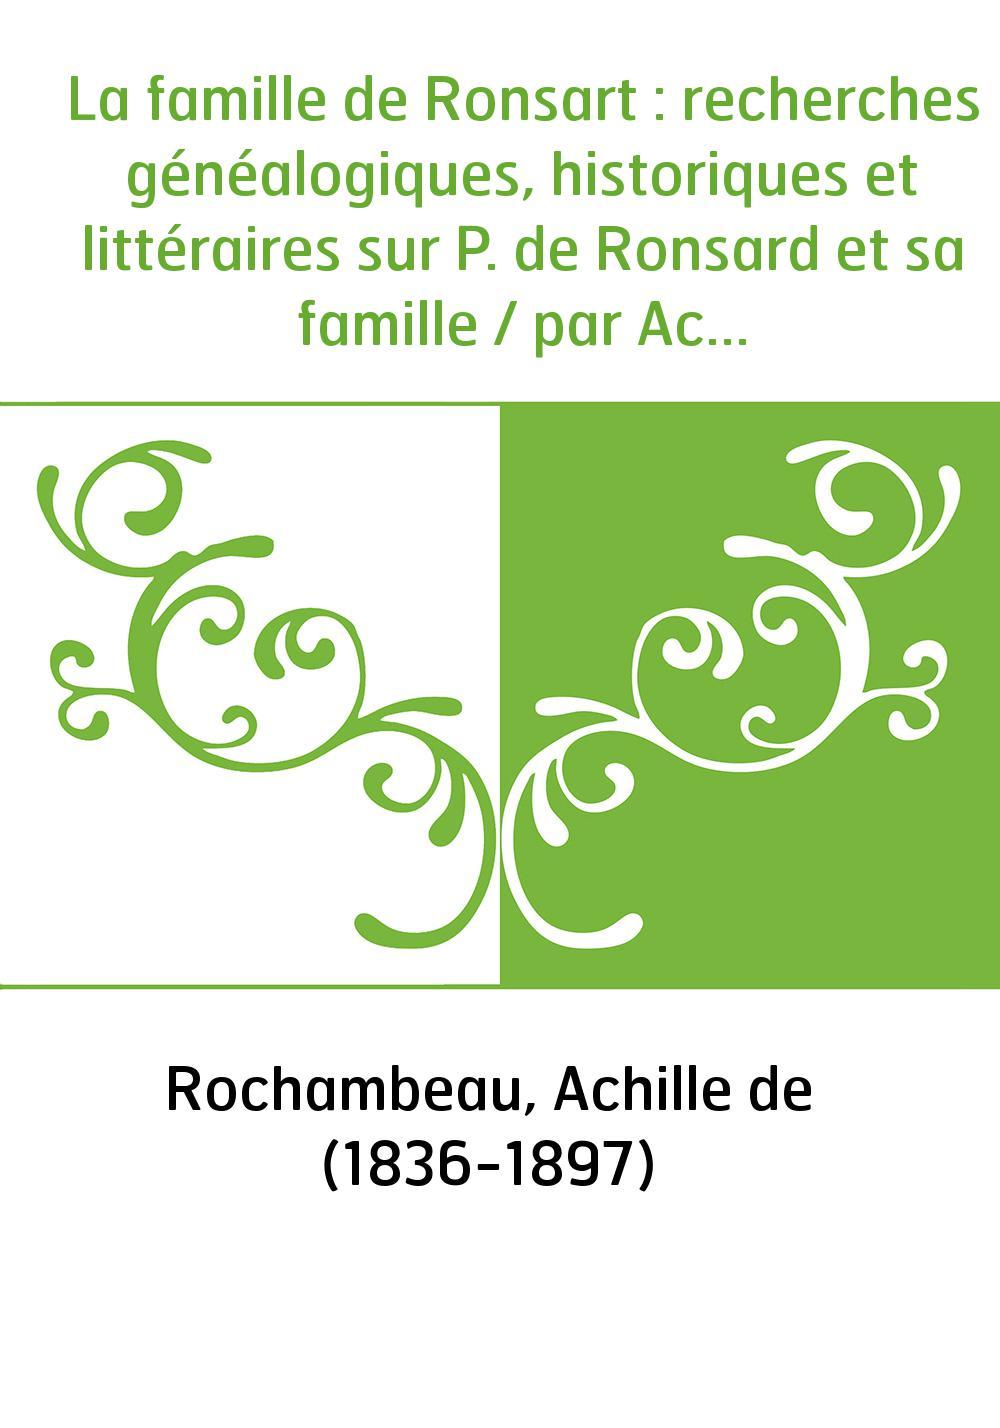 La famille de Ronsart : recherches généalogiques, historiques et littéraires sur P. de Ronsard et sa famille / par Achille de Ro